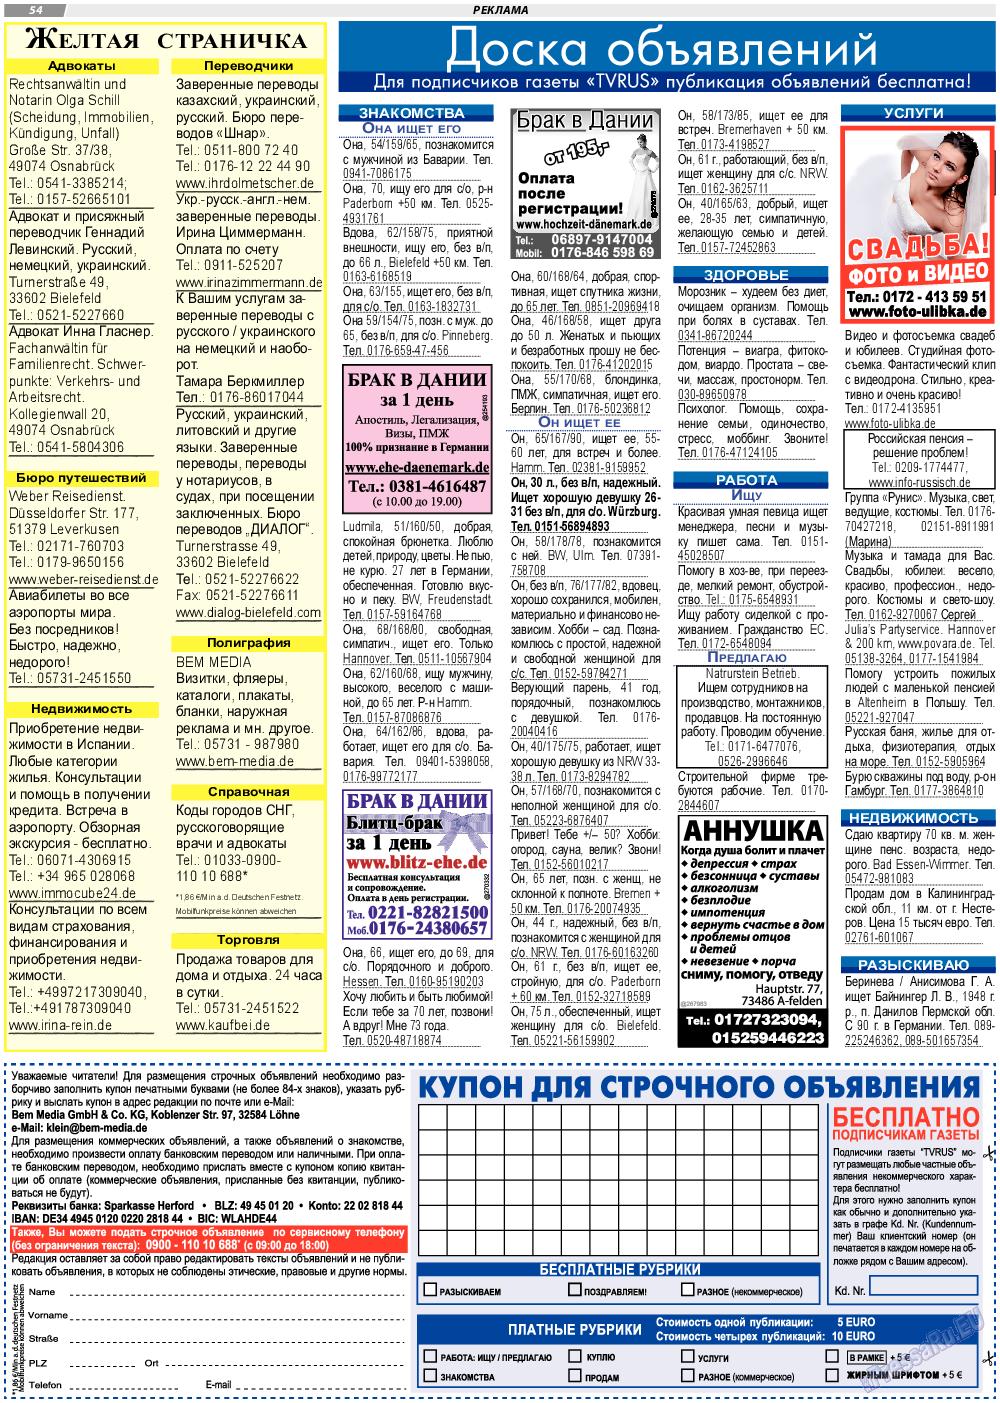 TVrus (газета). 2018 год, номер 29, стр. 54